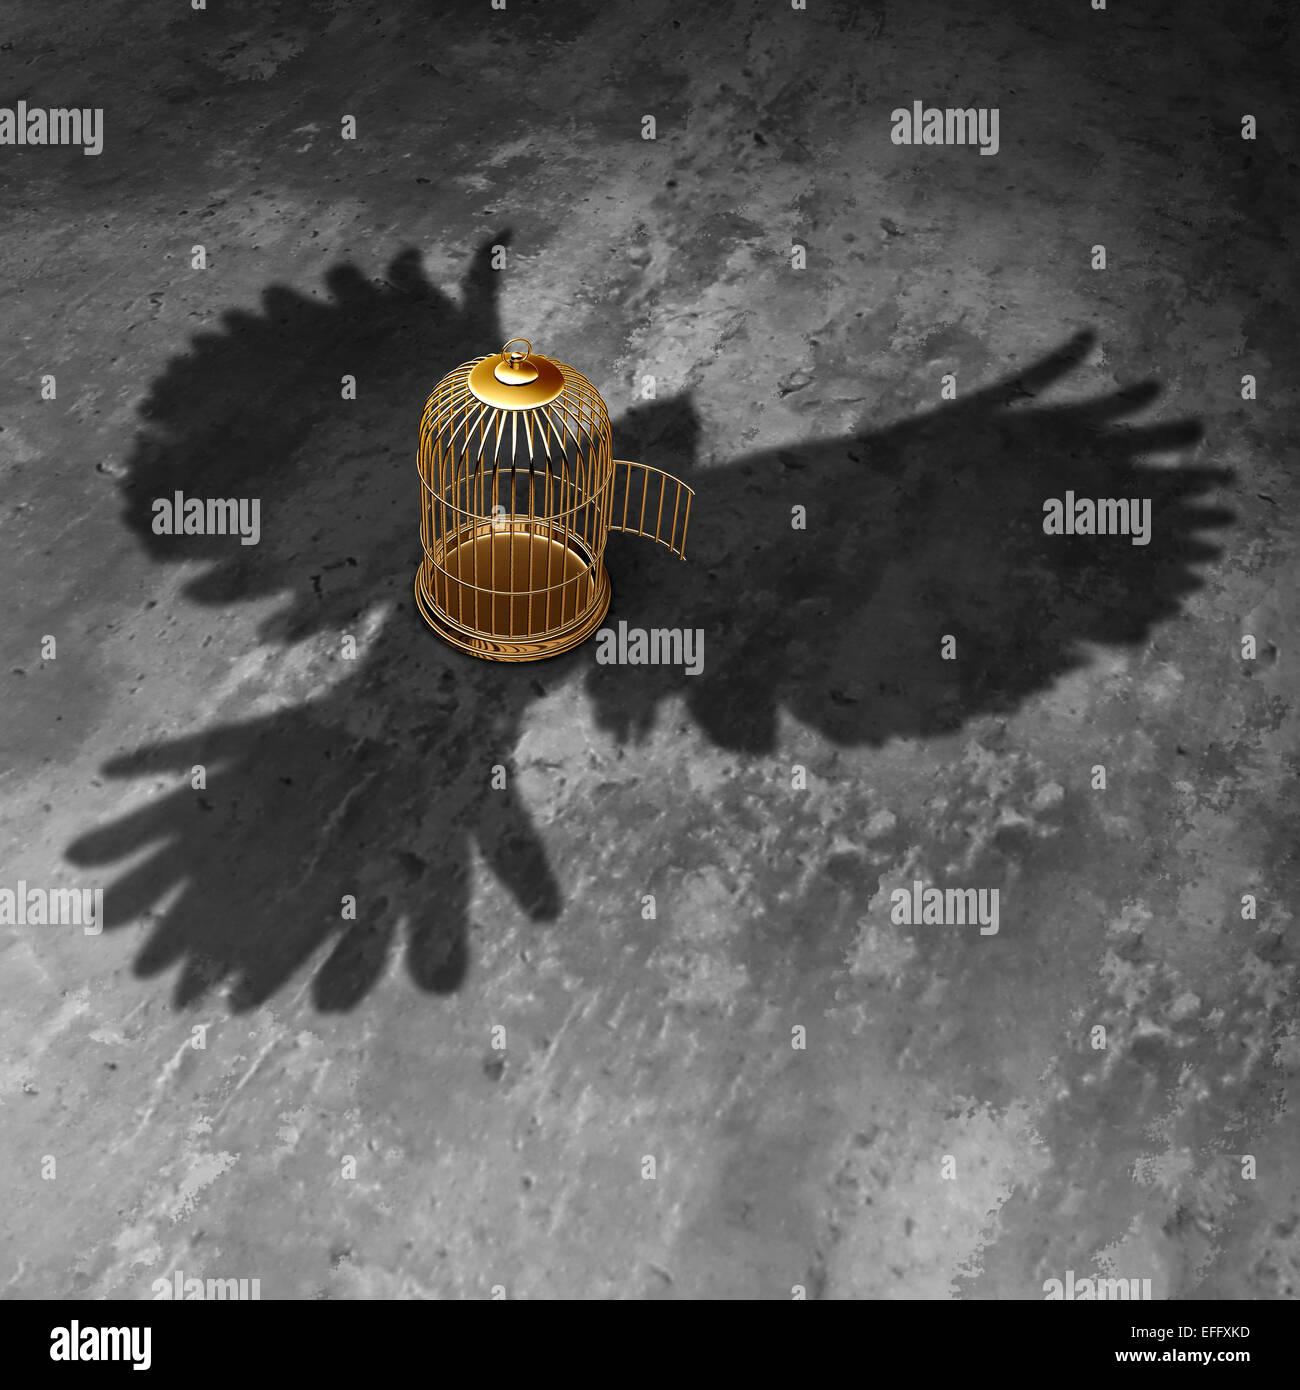 Gabbia concetto di libertà come un open birdcage con un uccello gigante gettato ombra volare al di sopra con Immagini Stock